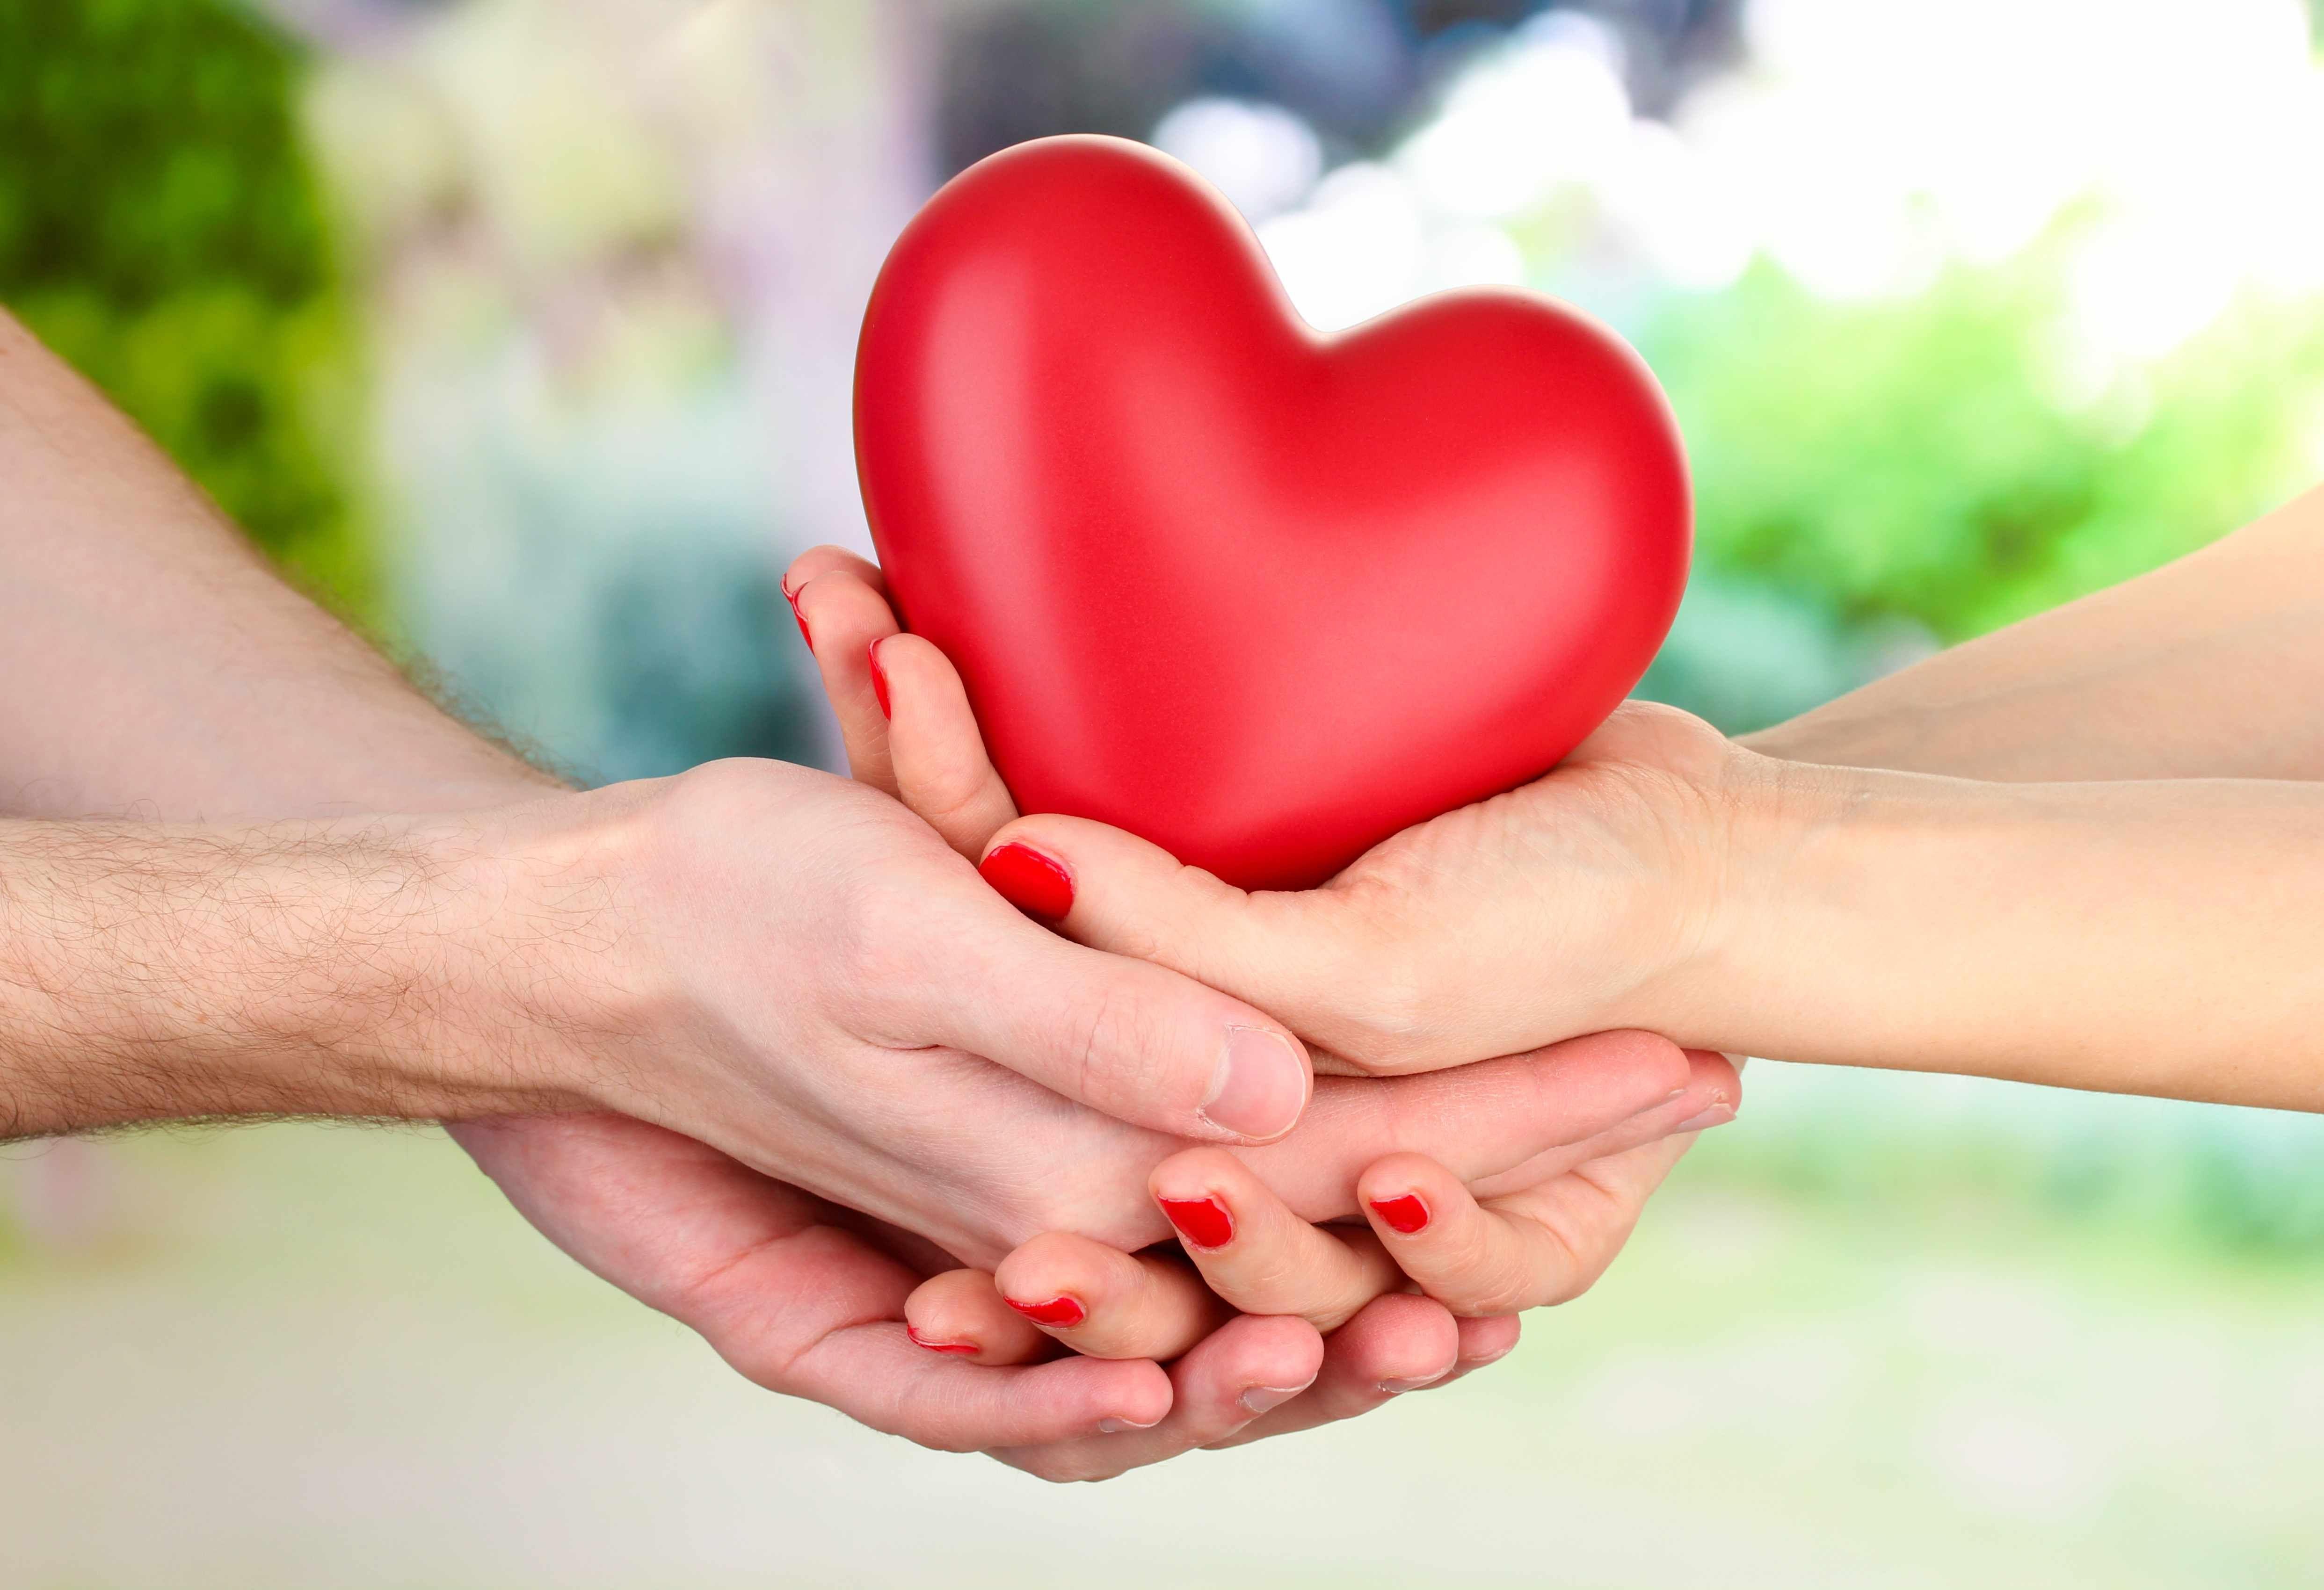 El corazón de las mujeres, más sensible que el de los hombres: Conocé 10 consejos de los especialistas